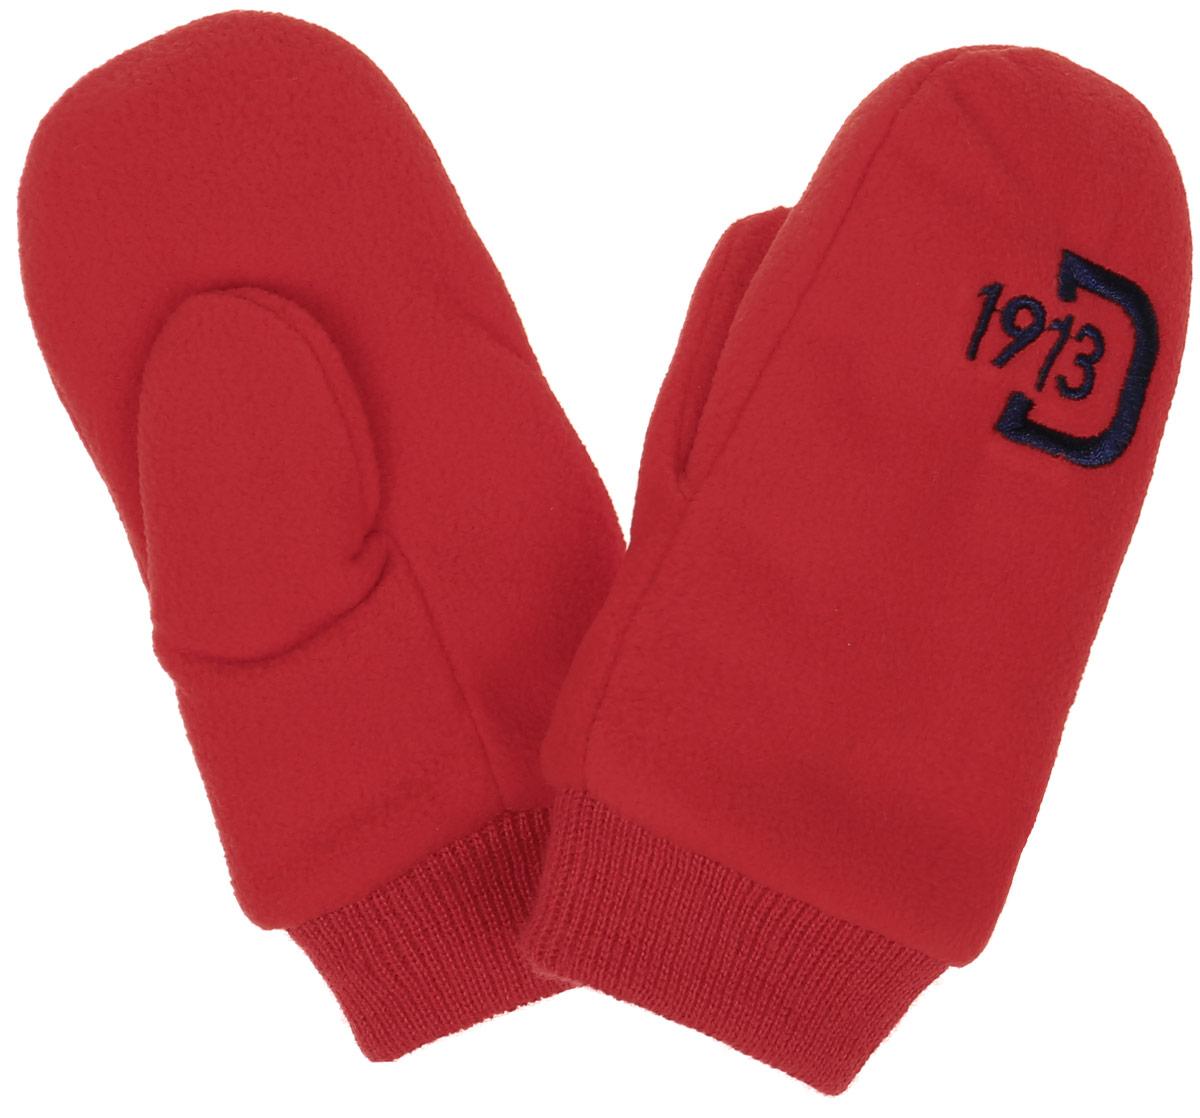 Варежки детские Didriksons1913 Kids Microfleece Gloves, цвет: красный. 501144_042. Размер 0 месяцев501144_042Детские варежки Didriksons1913 Kids Microfleece Gloves идеально подойдут вашему ребенку для прогулок, они согреют руки в прохладное время года. Изготовленные из мягкого флиса, они обладают хорошими дышащими свойствами и хорошо удерживают тепло. Модель оформлена брендовой вышивкой.Варежки дополнены широкими трикотажными манжетами, не стягивающими запястья и надежно фиксирующими варежки на руках ребенка.